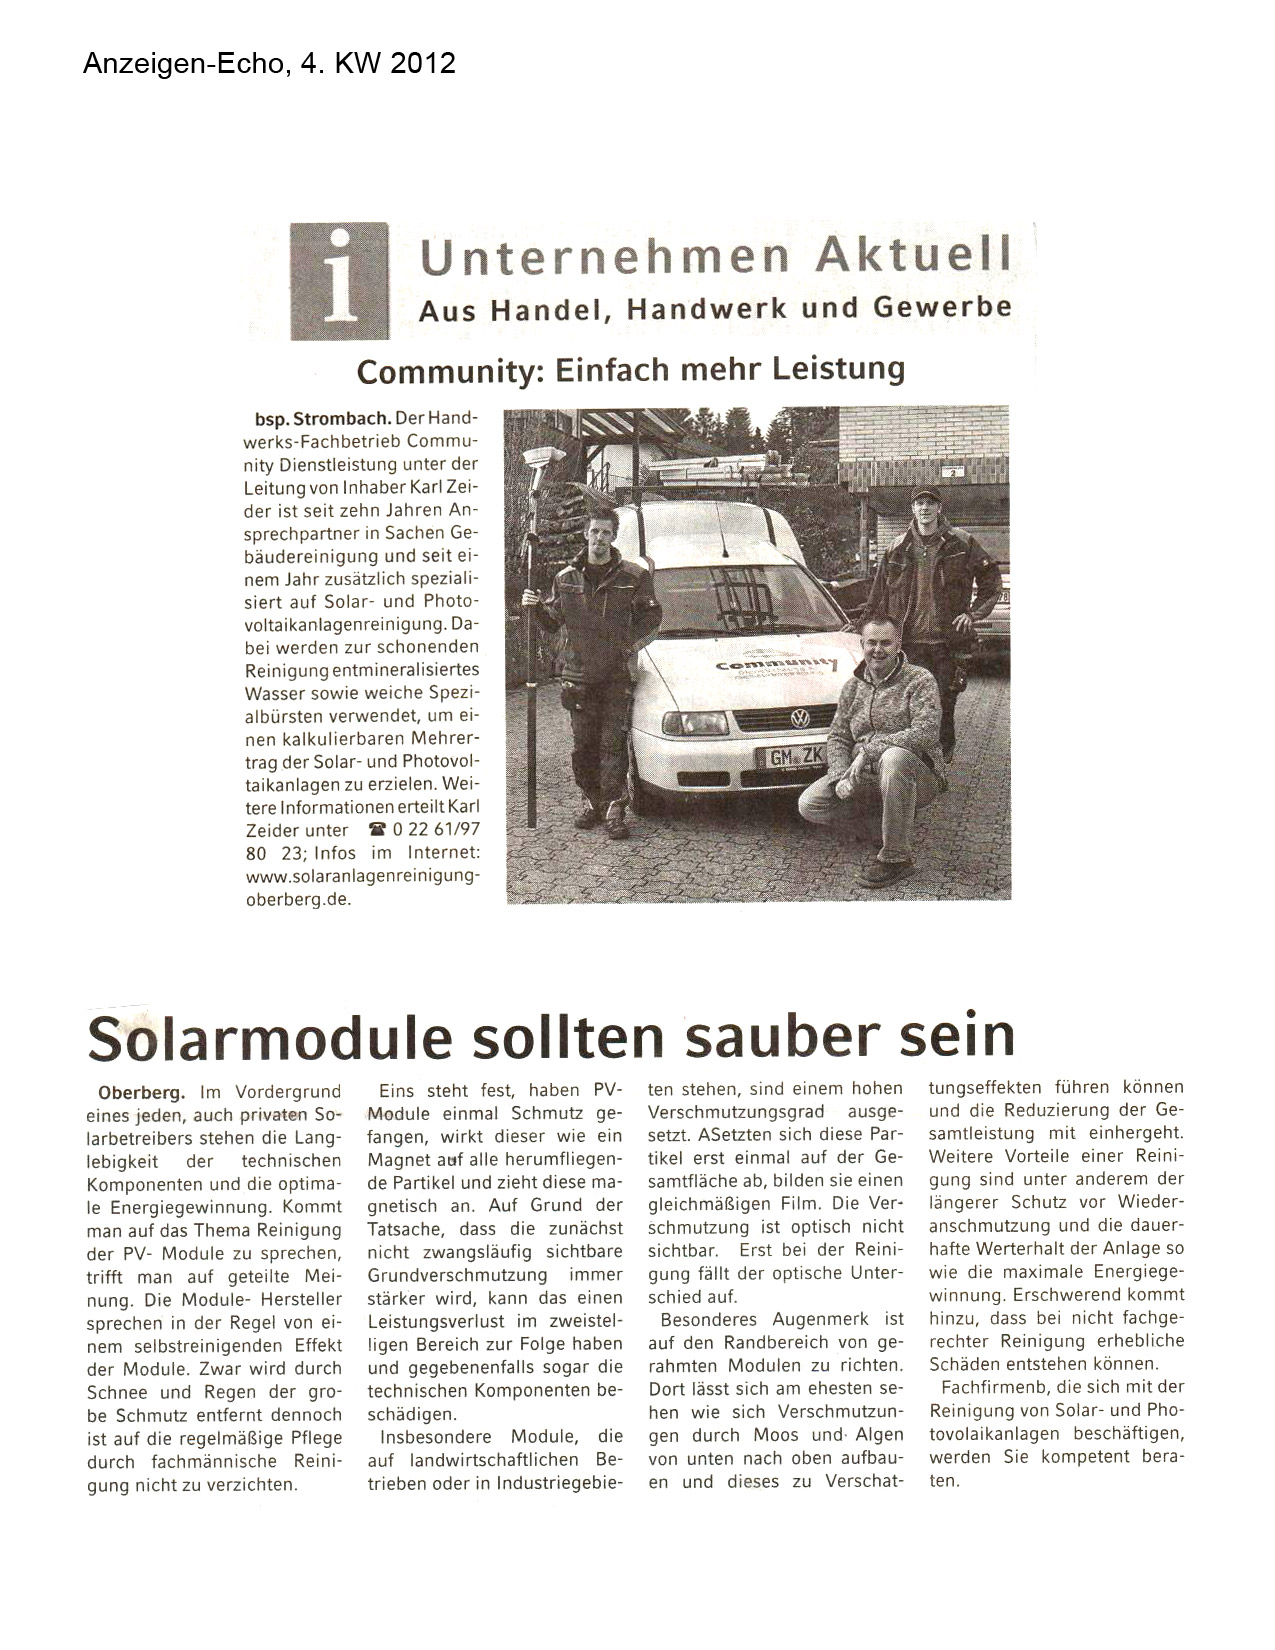 Community-Dienstleistung in der Presse